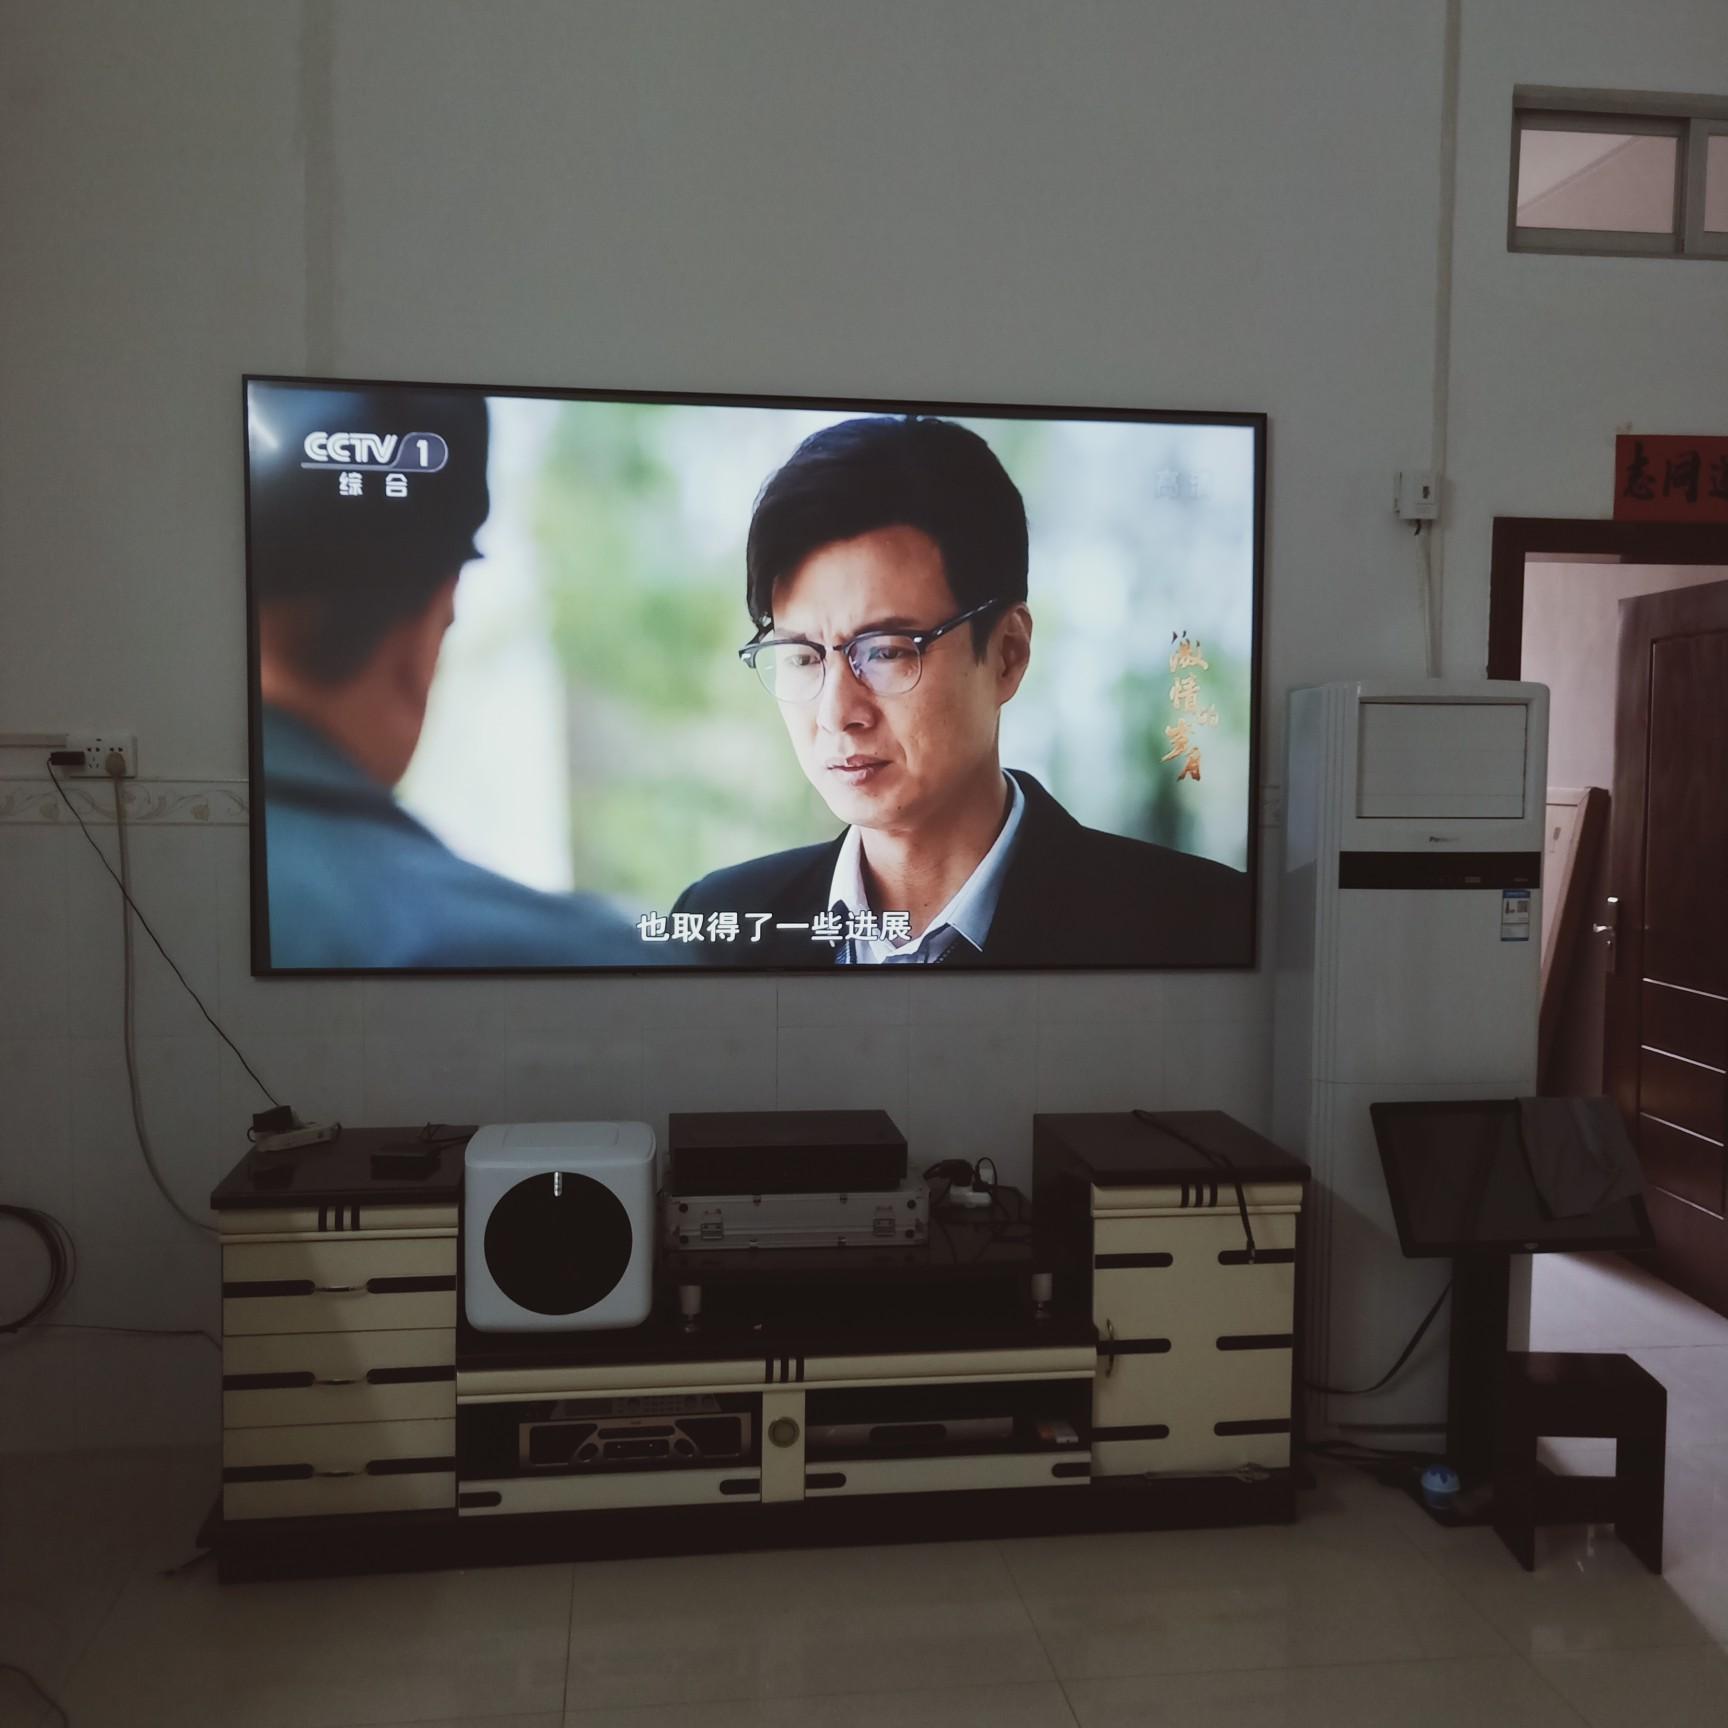 峰米激光电视4K Cinema Pro怎么样?各方面如何?亲测效果分享!